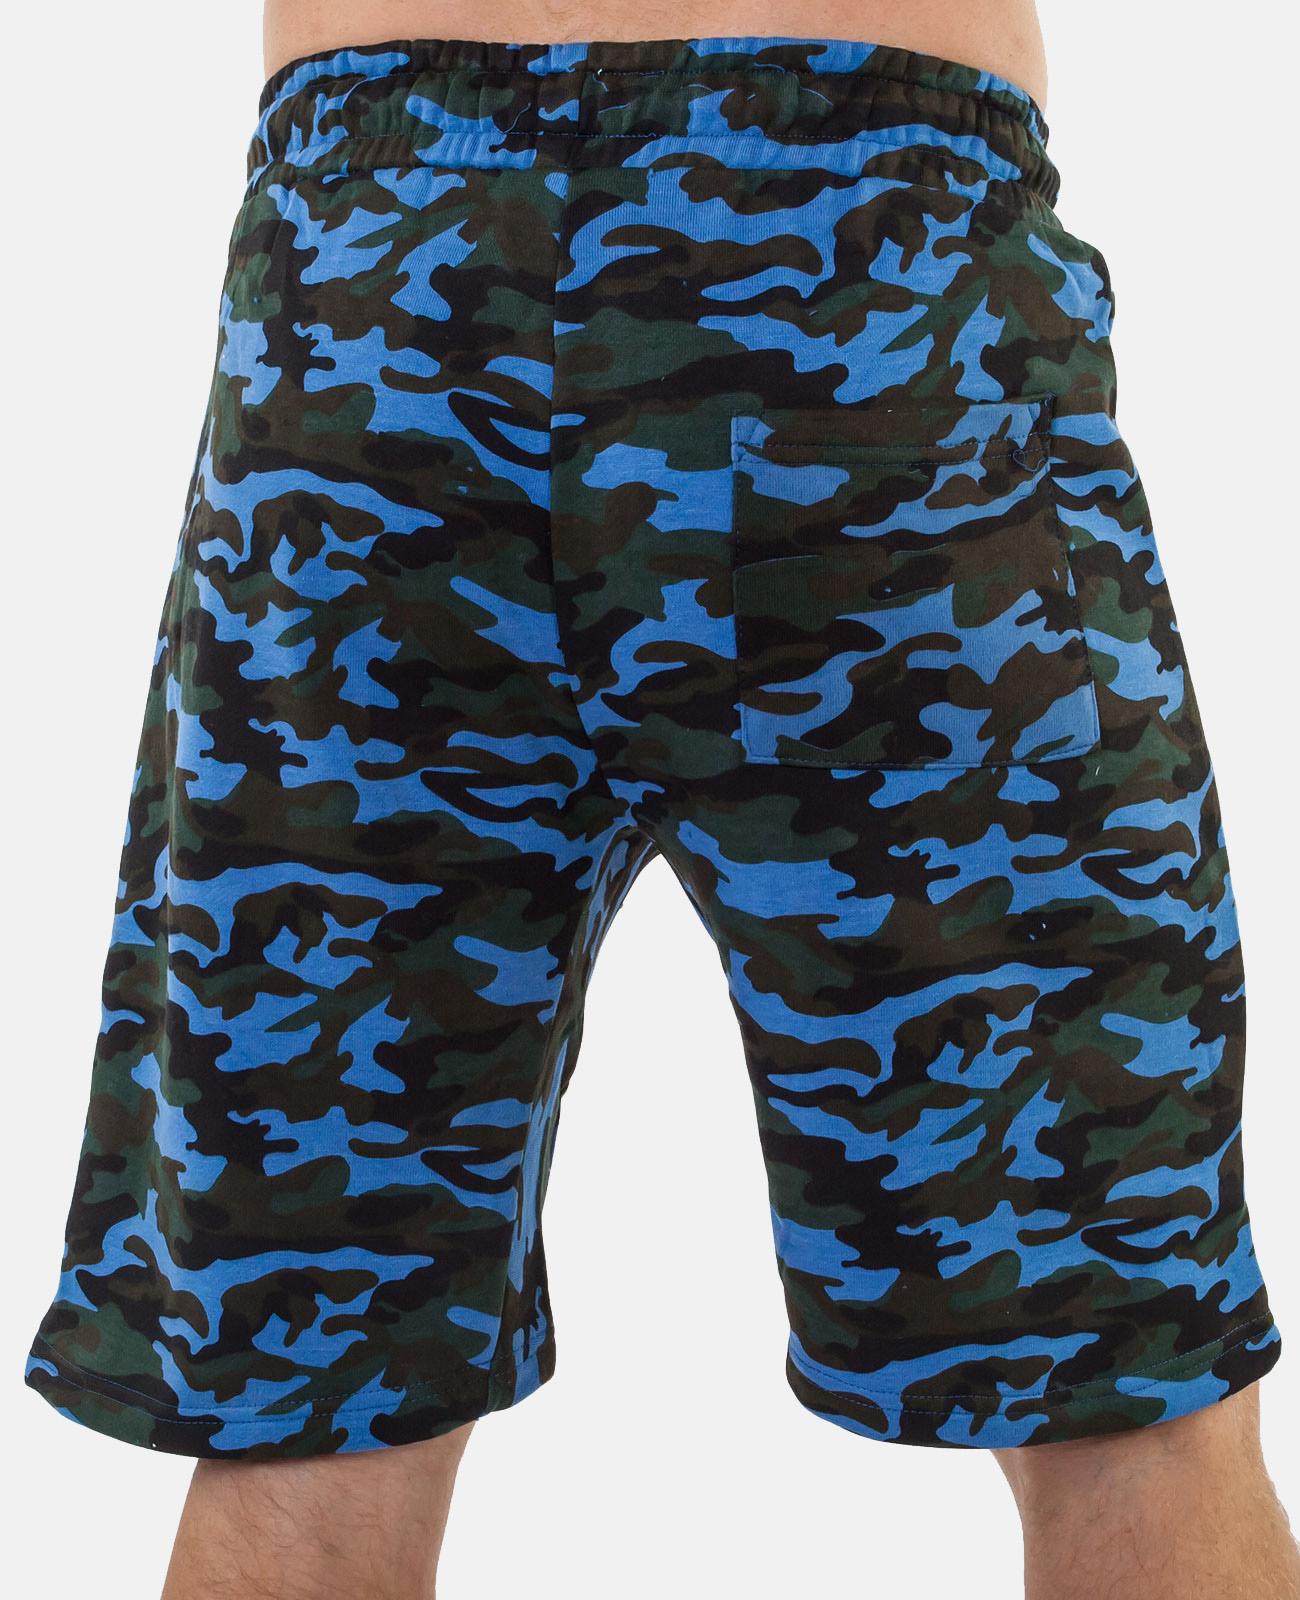 Мужские удобные шорты с нашивкой ПОЛИЦИЯ - заказать выгодно